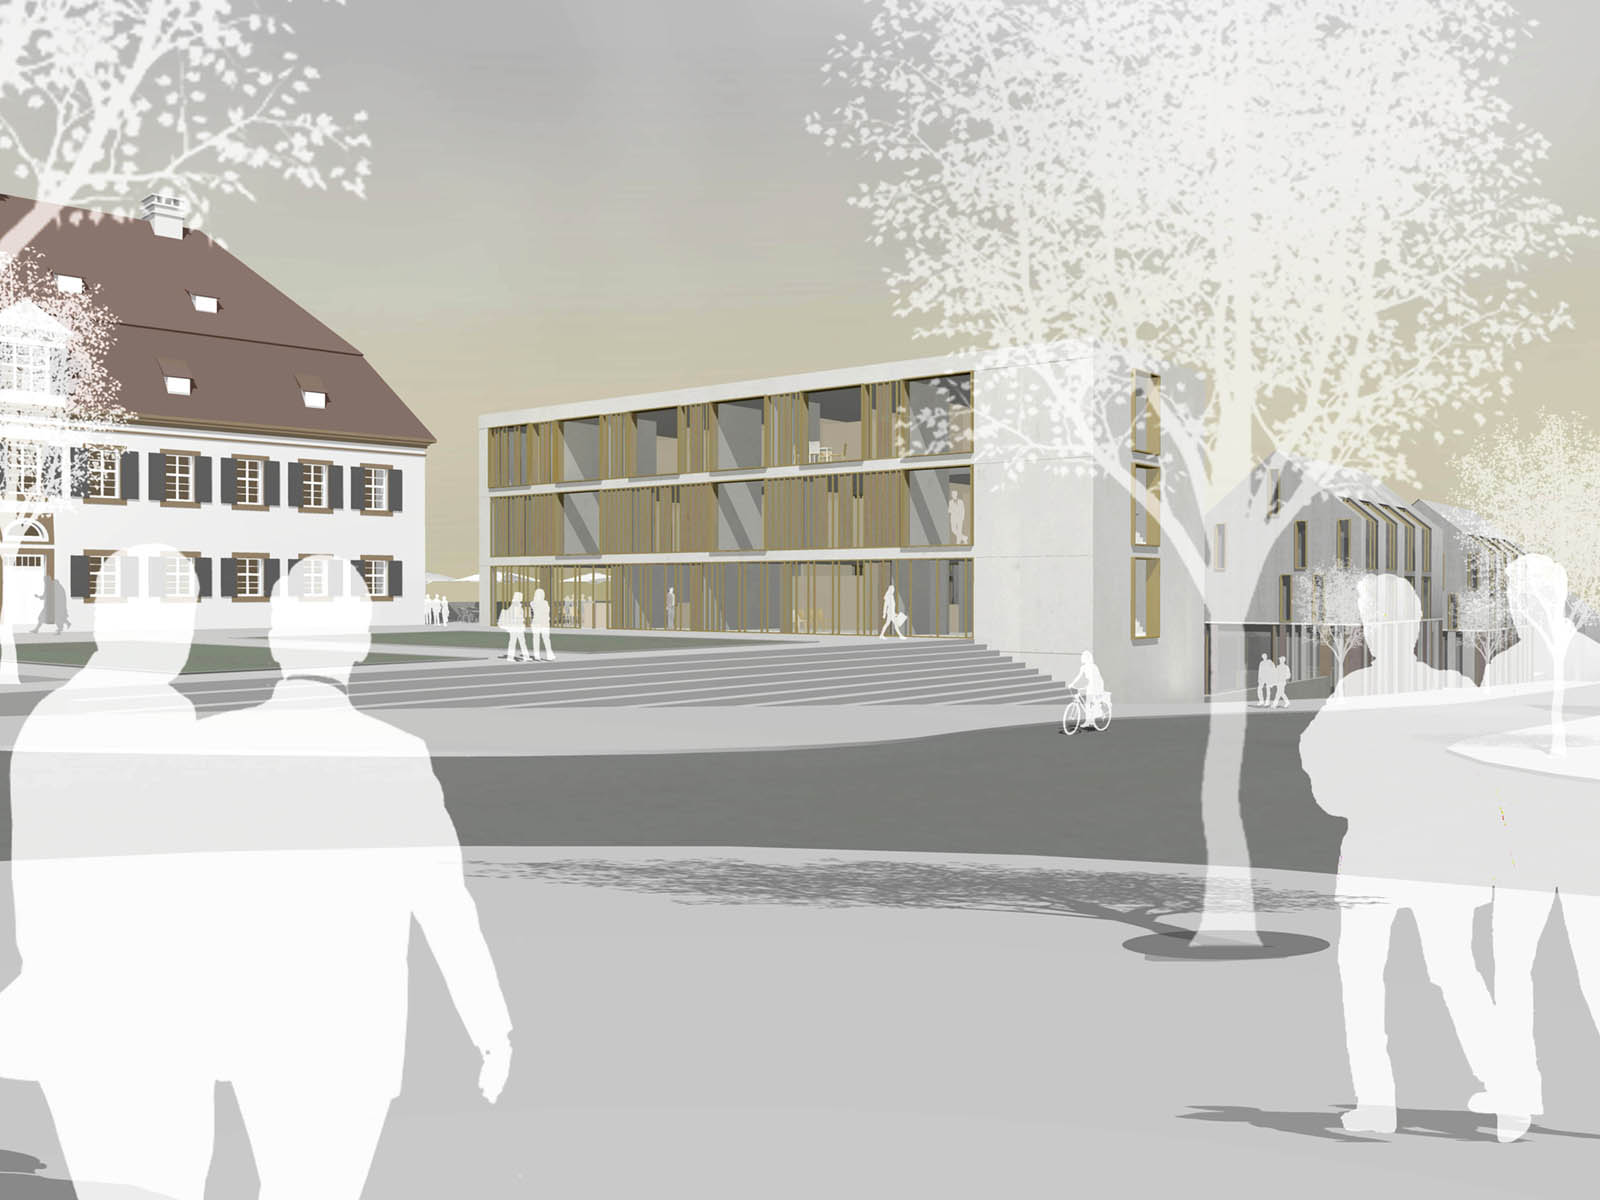 Schlossplatz-Dorfmarkt und Rathausmarkt in Rechberghausen Wettbewerb-2009-3.Preis-© Friedrich-Poerschke-Zwink-Architekten